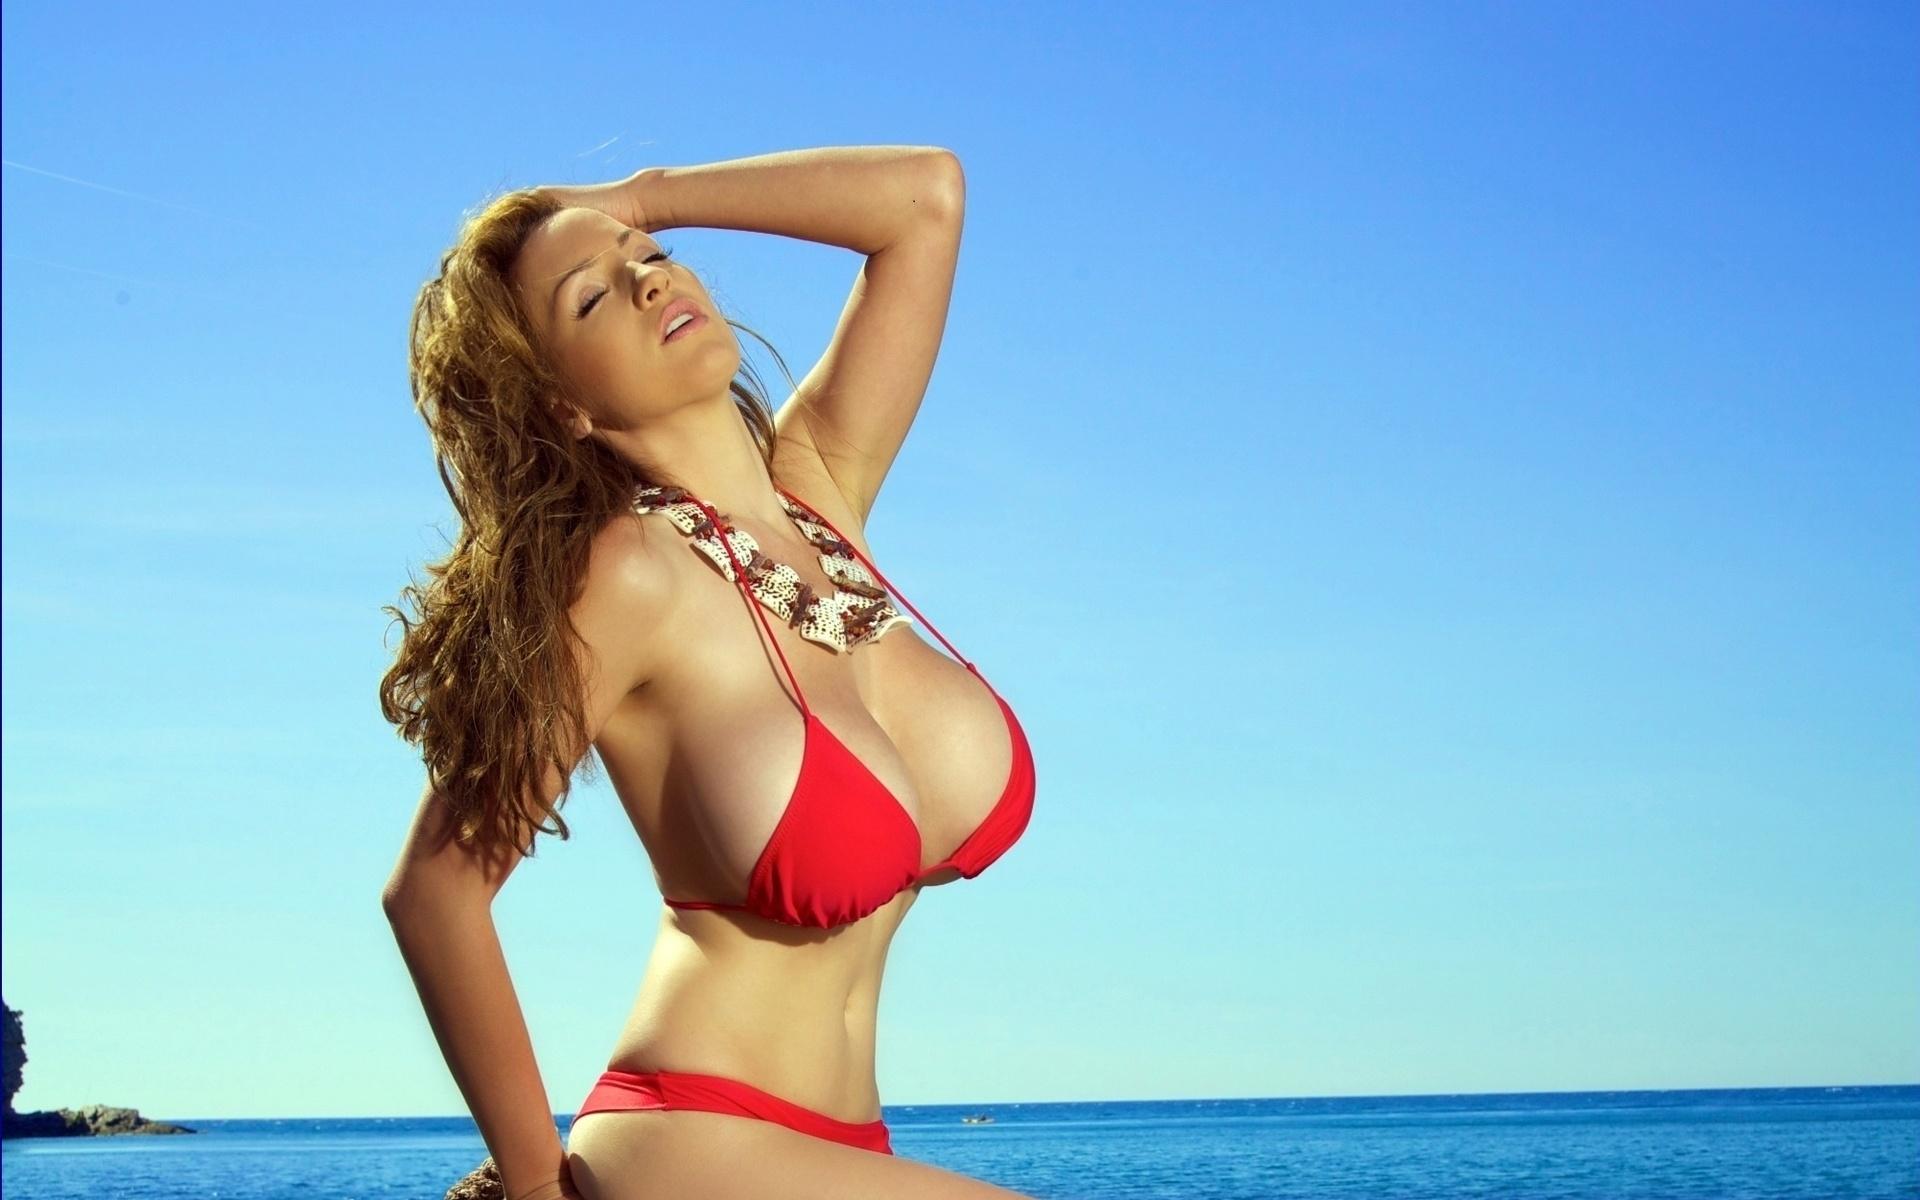 смотреть девушек с большой грудью в купальниках